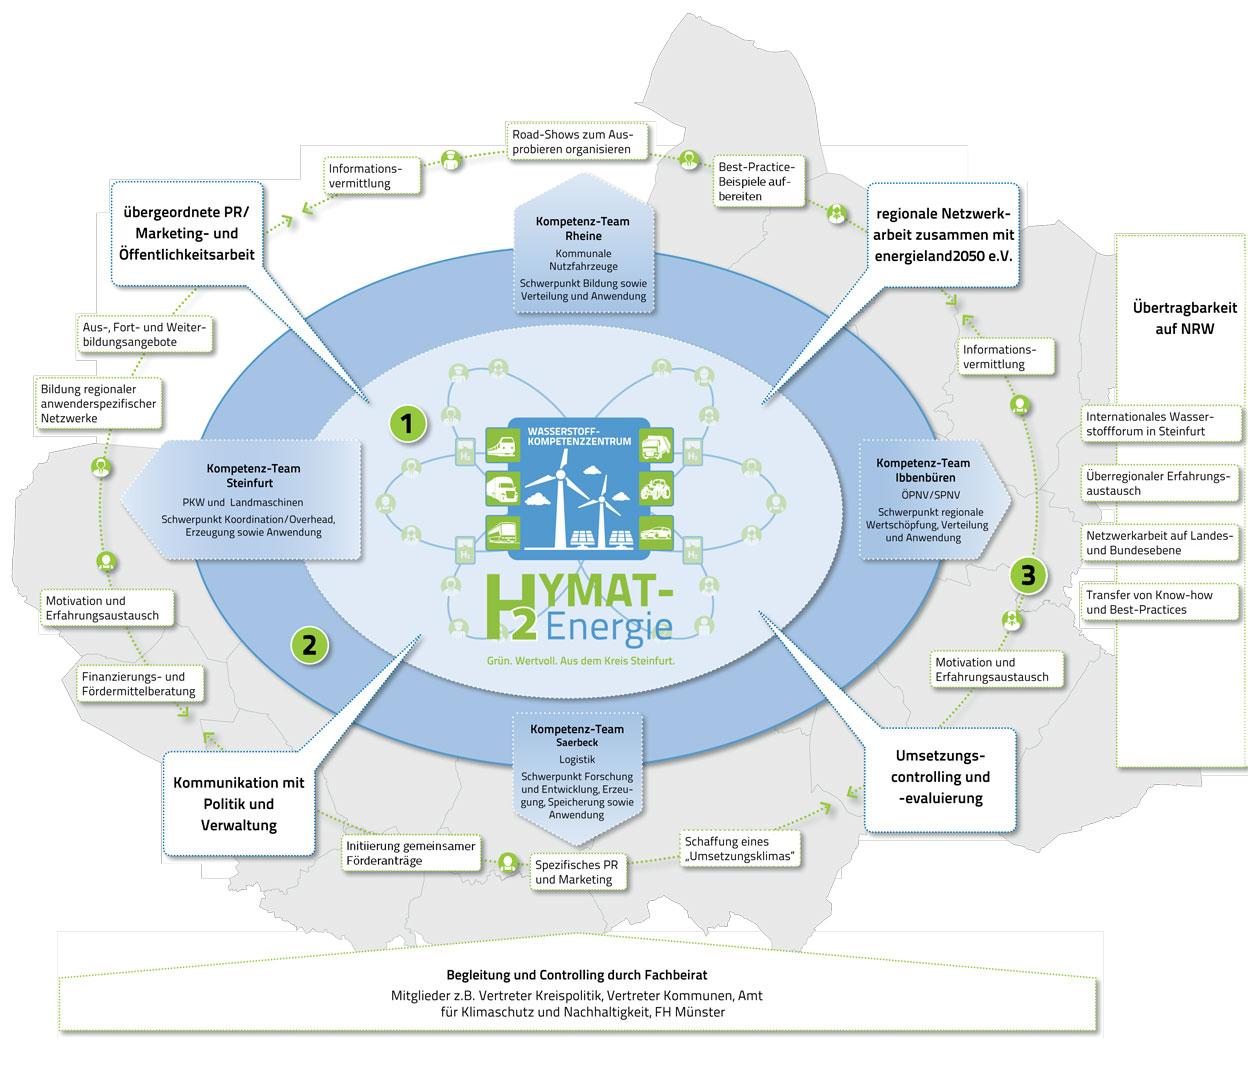 Abbildung: Organisations- und Arbeitsstruktur des Wasserstoff-Kompetenzzentrums im Kreis Steinfurt